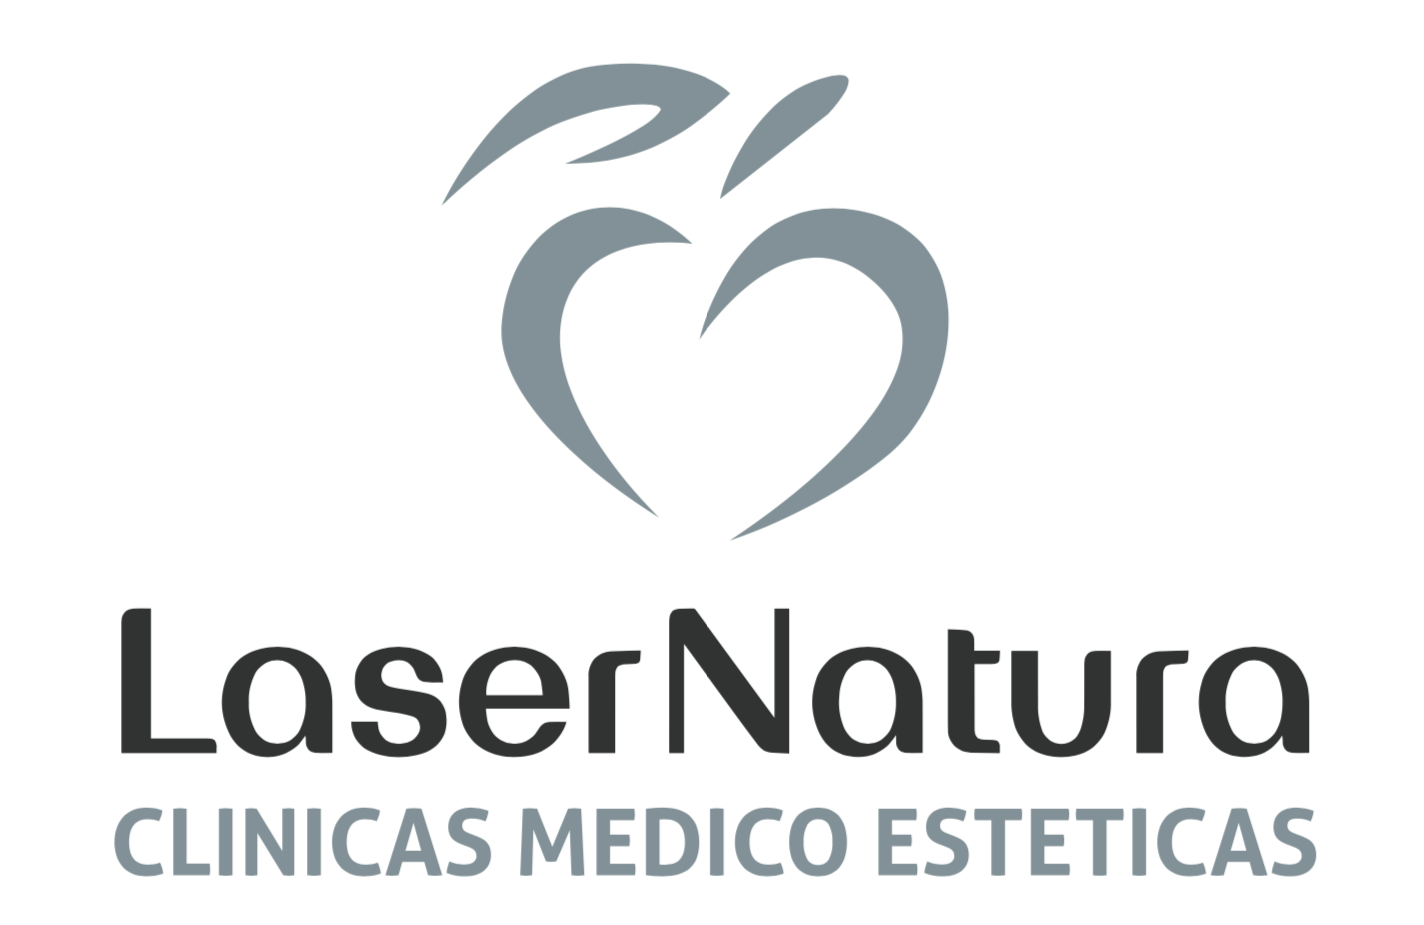 Clinicas Depilacion Laser Natura en Madrid Centro